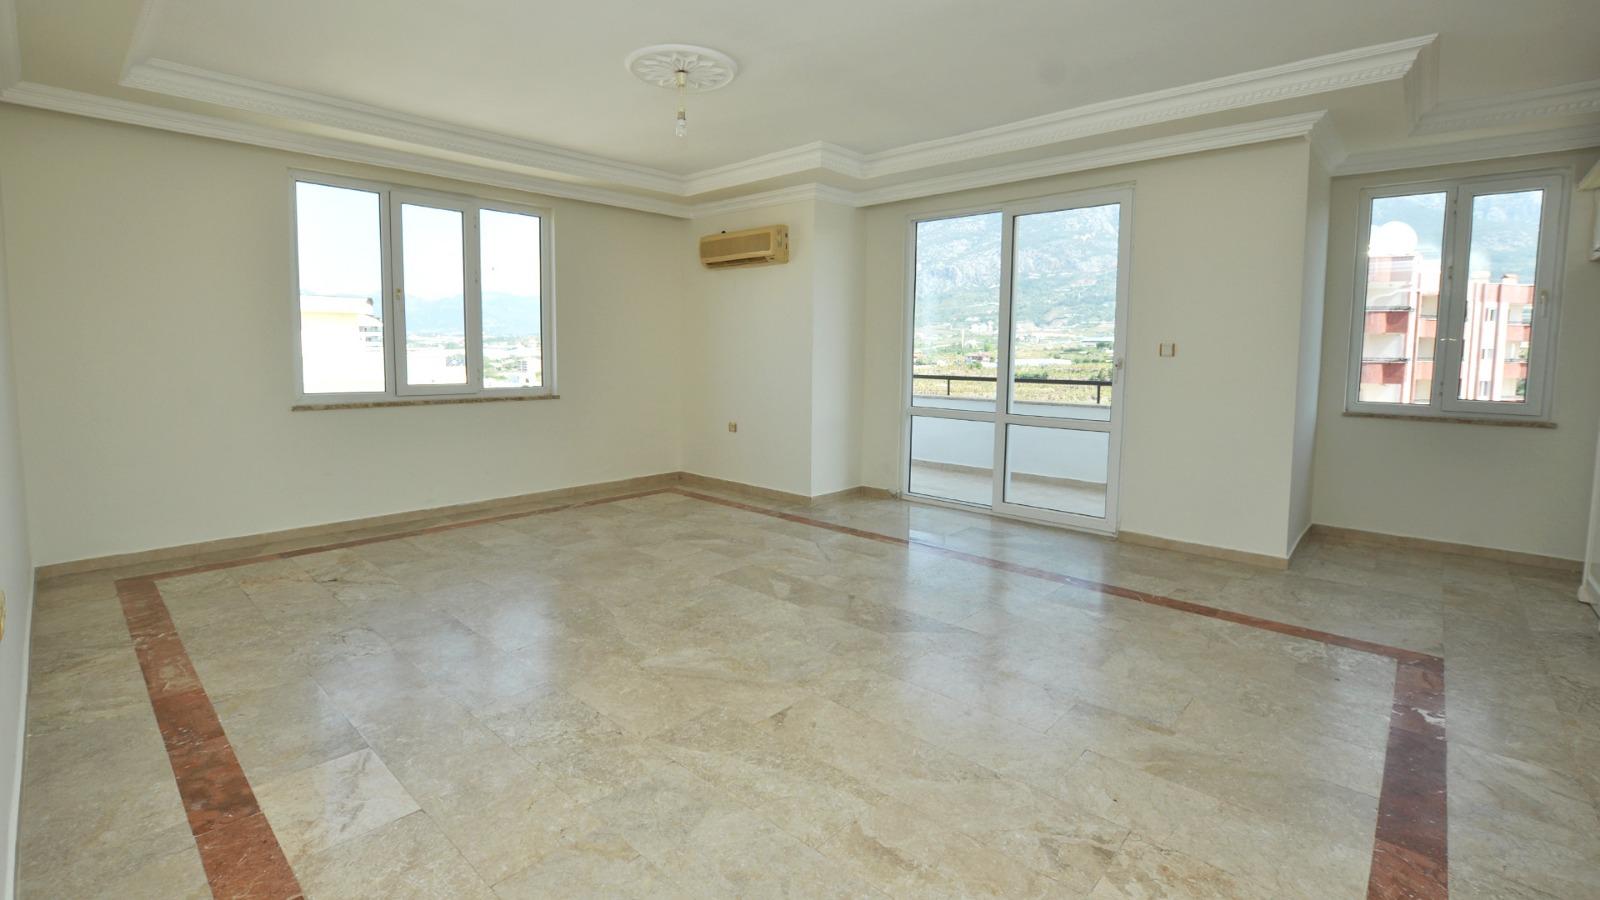 3+1 Квартира с видом на море и горы в жилом комплексе с инфраструктурой на территории